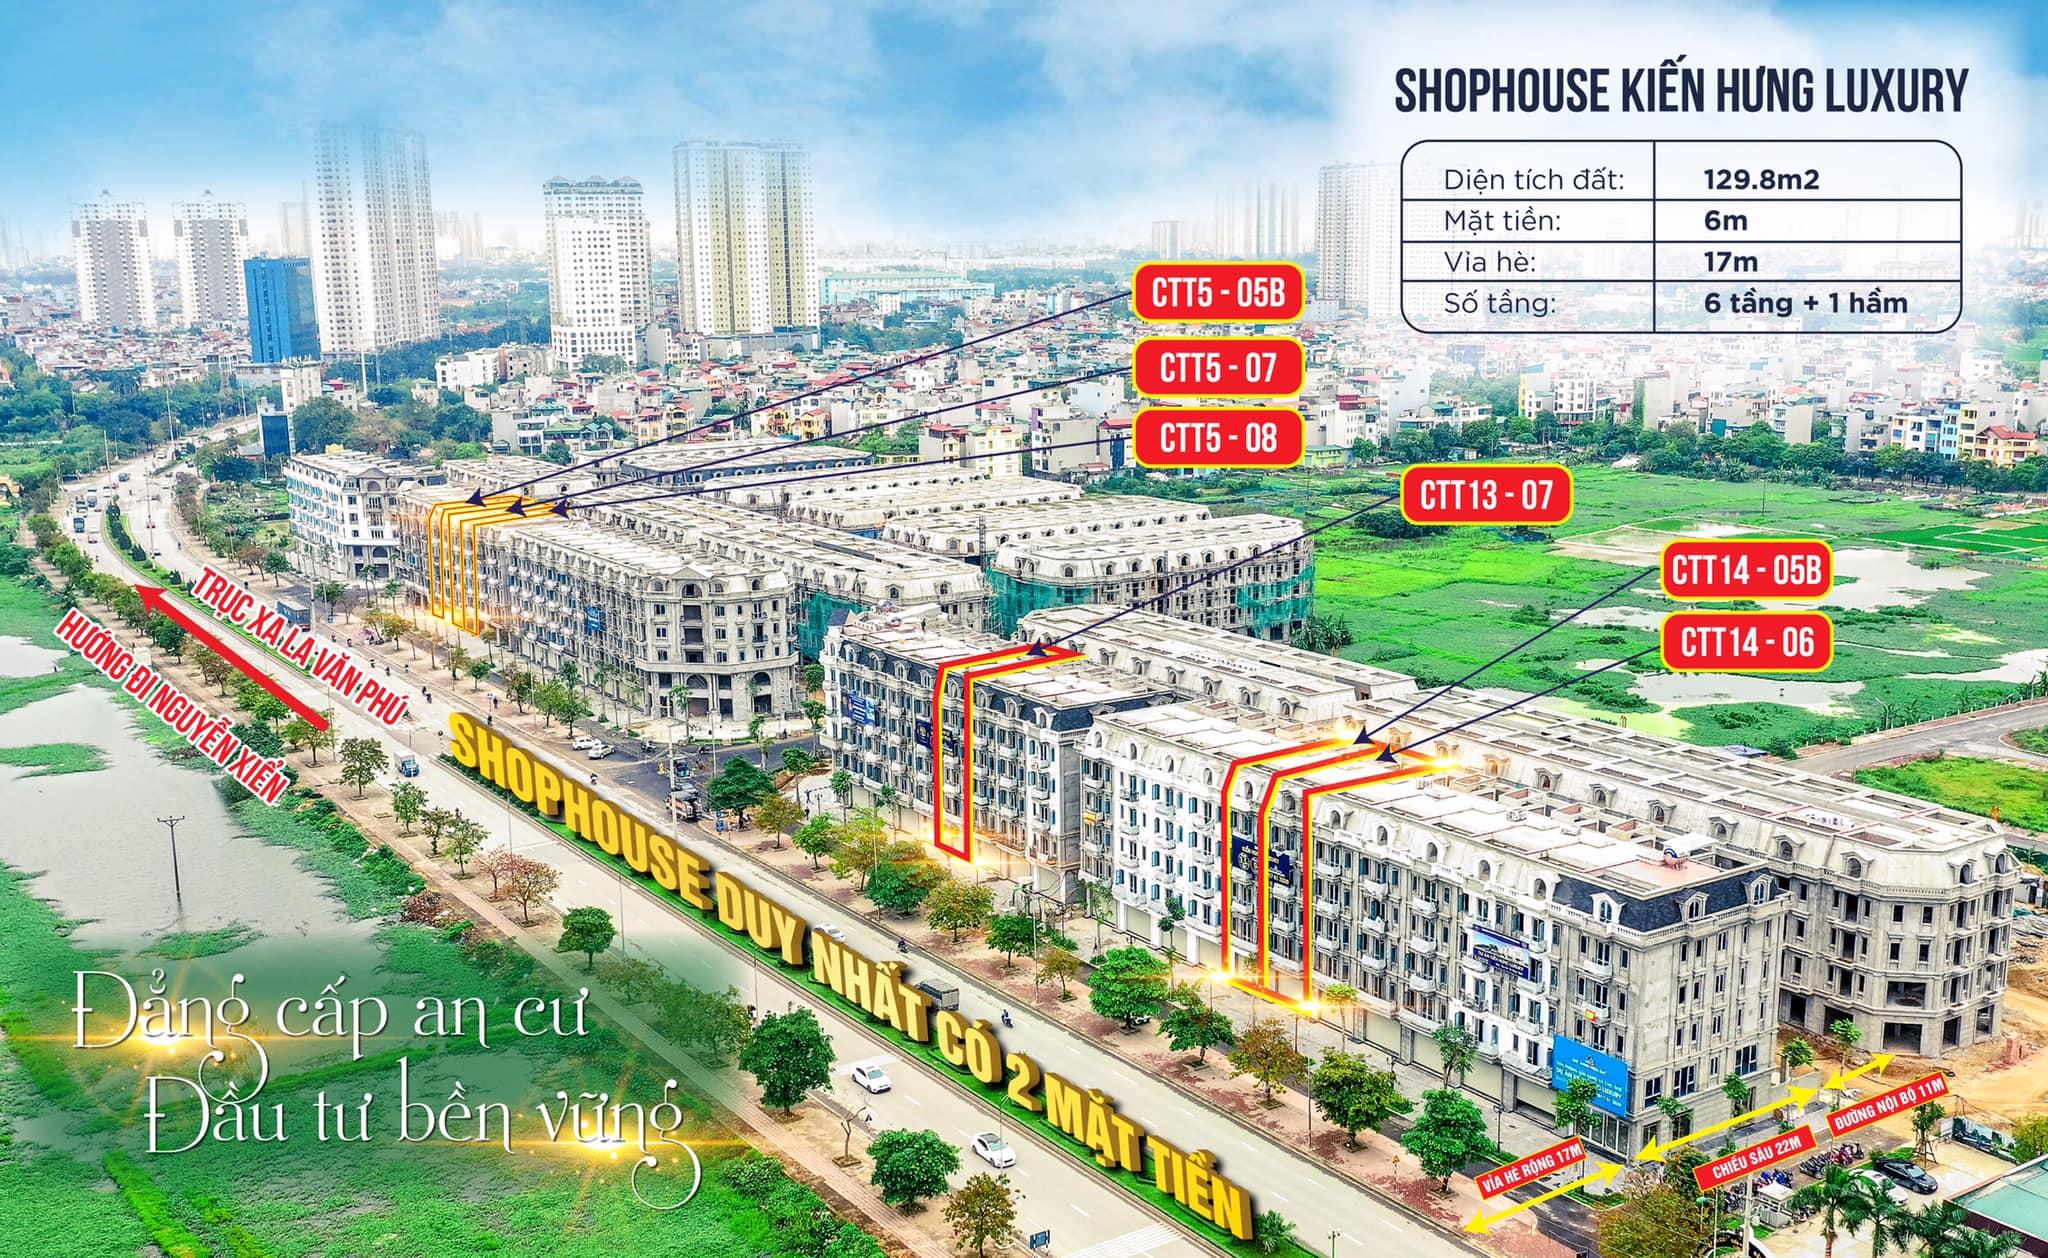 Shophouse Dự án Kiến Hưng Luxury 129,8m2 hoàn thiện 6 tầng + 1 hầm, 2 mặt tiền